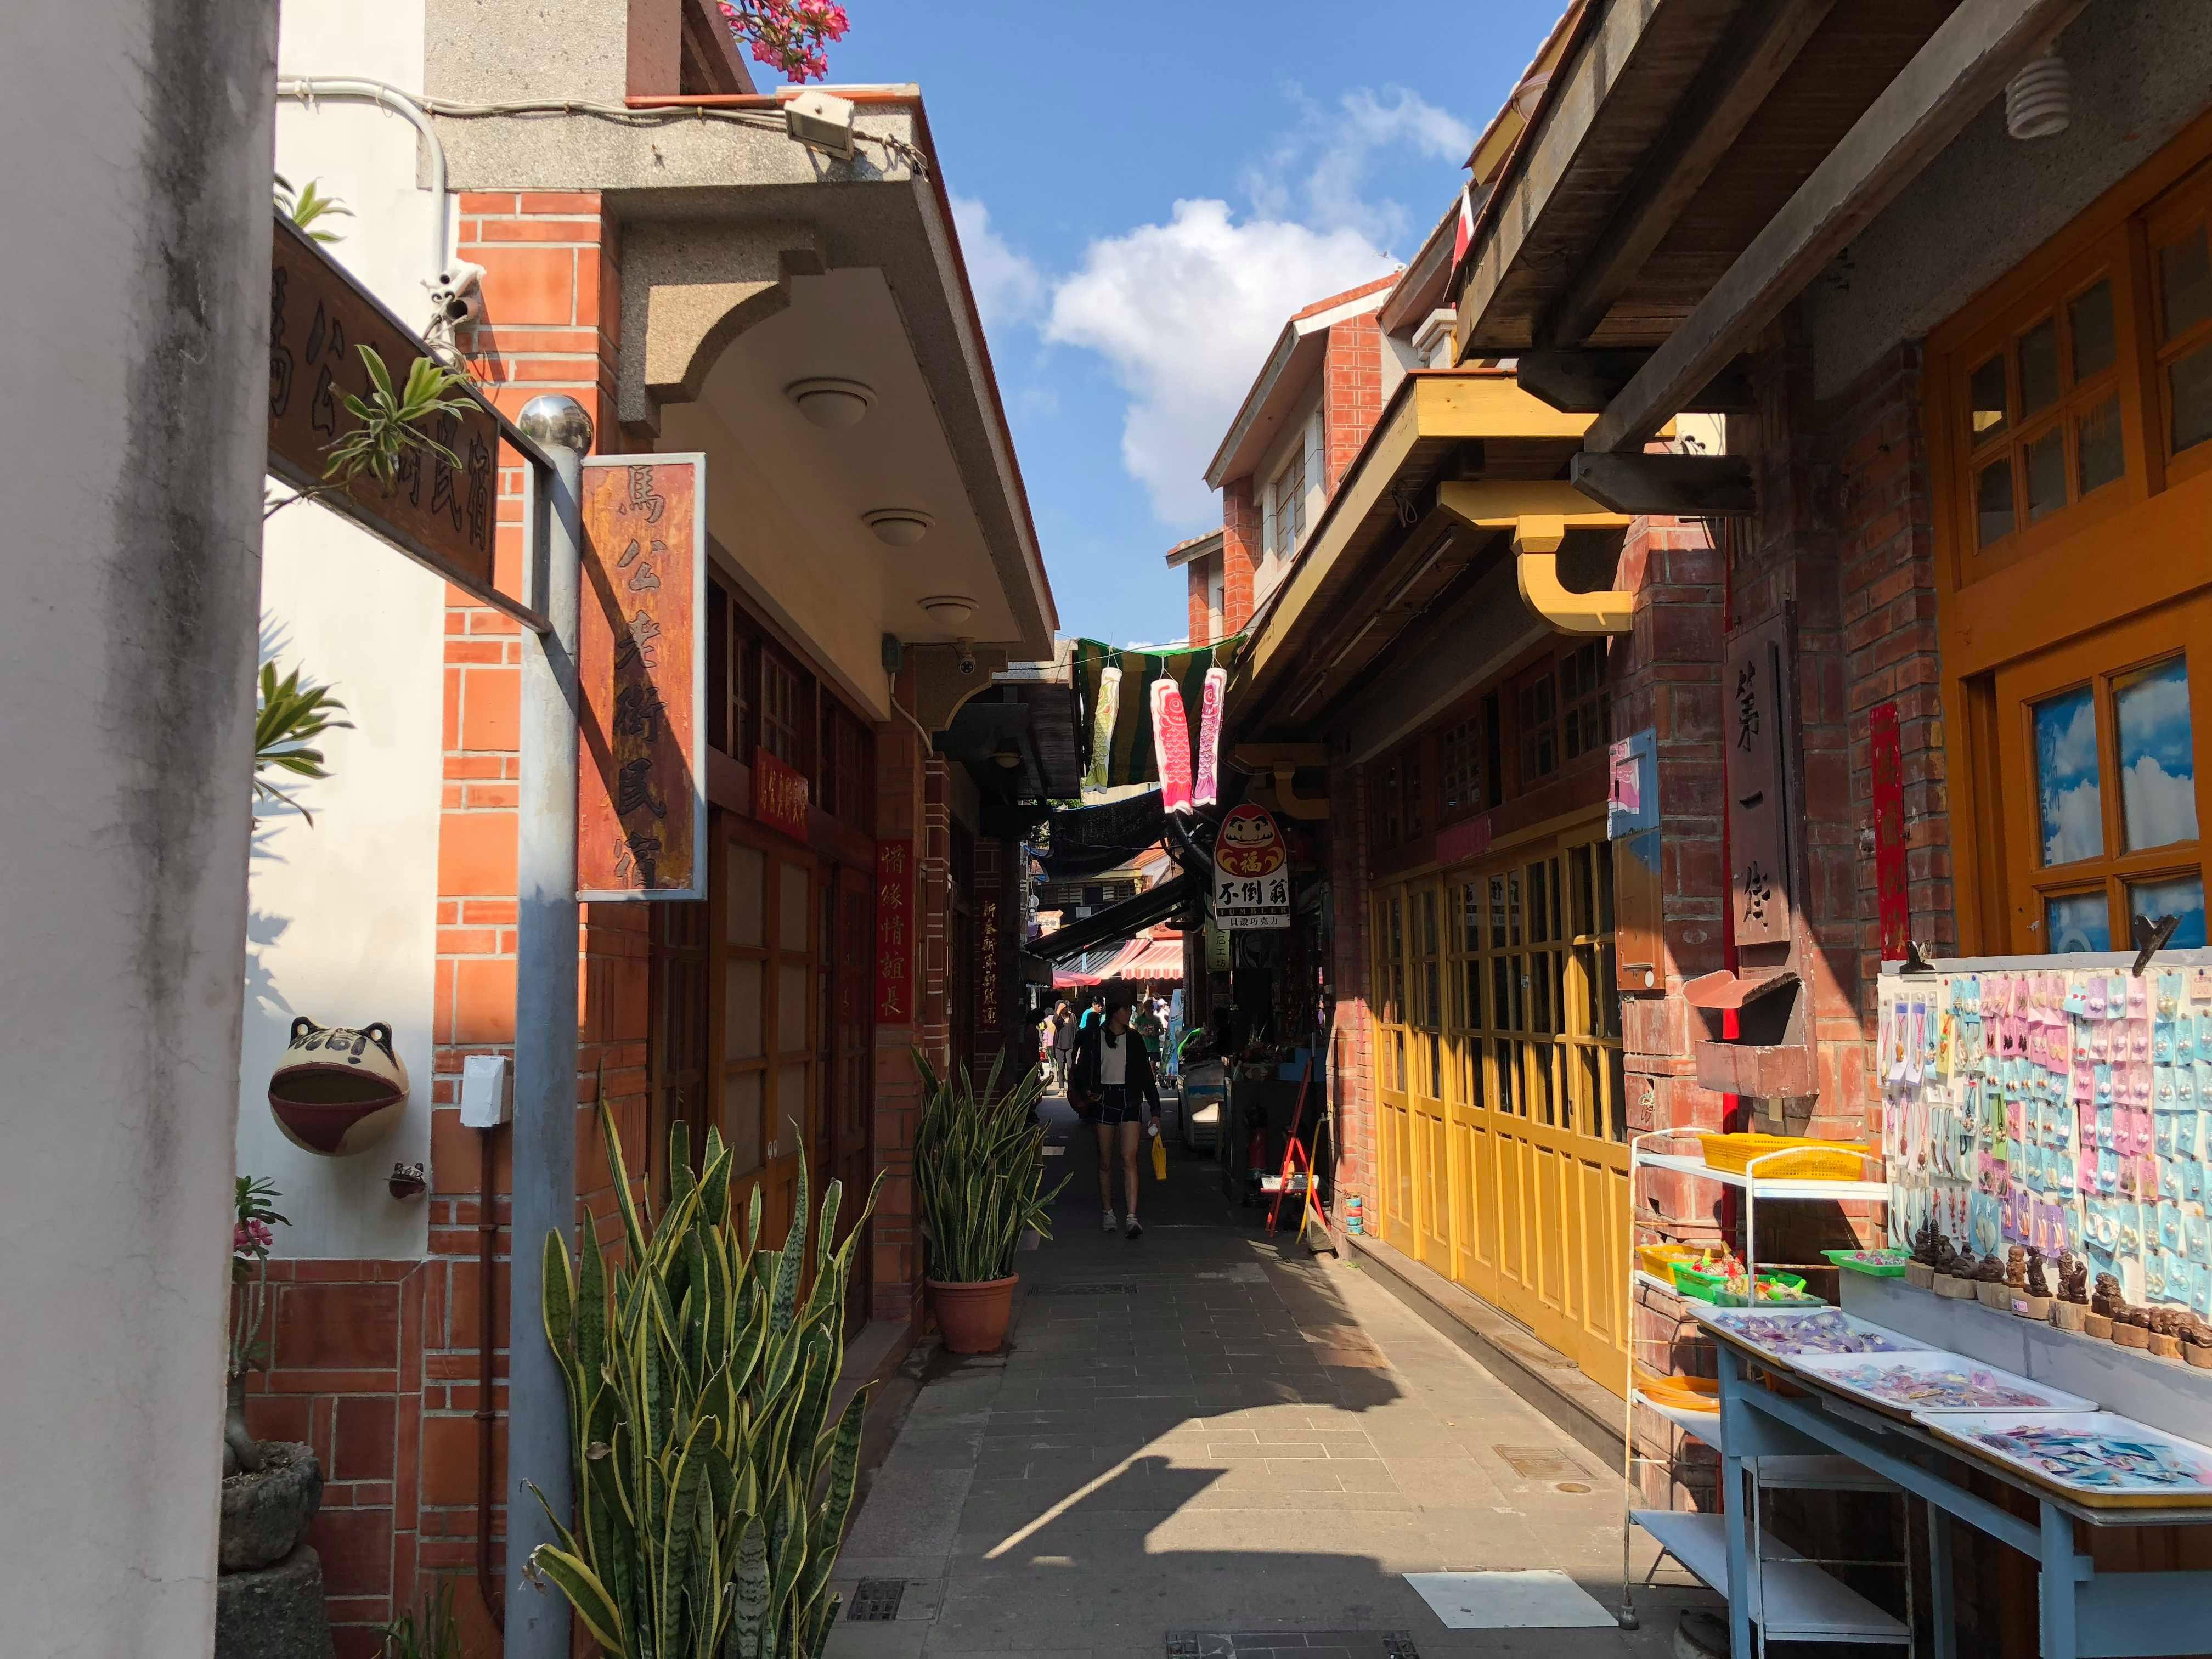 天后宮通往四眼井的老街小巷。